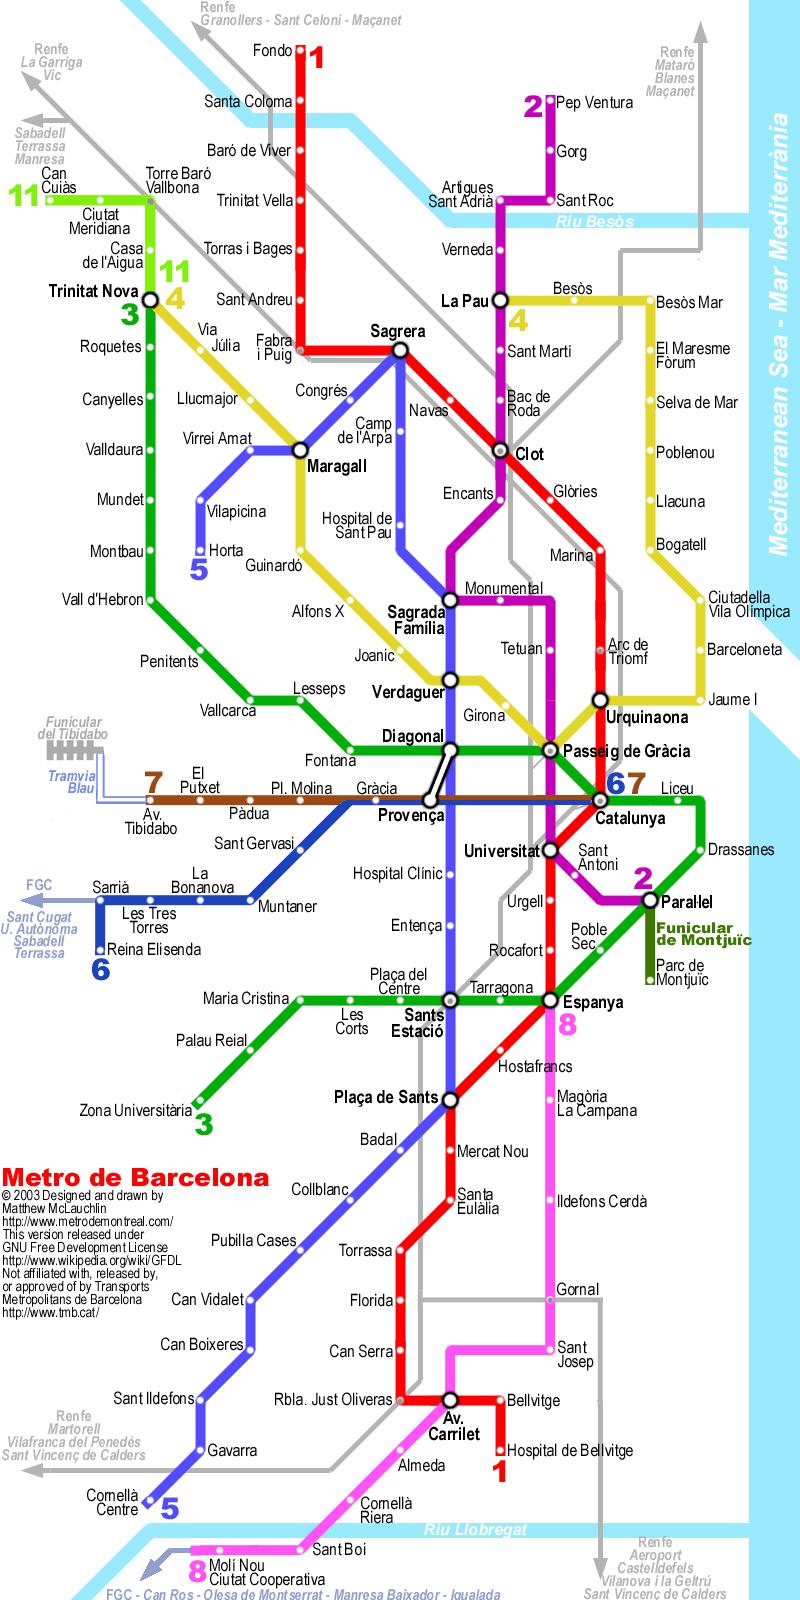 Шесть из них (L1, L2, L3, L4, L5 и L11) курируются Управлением метрополитена Барселоны (TMB) .